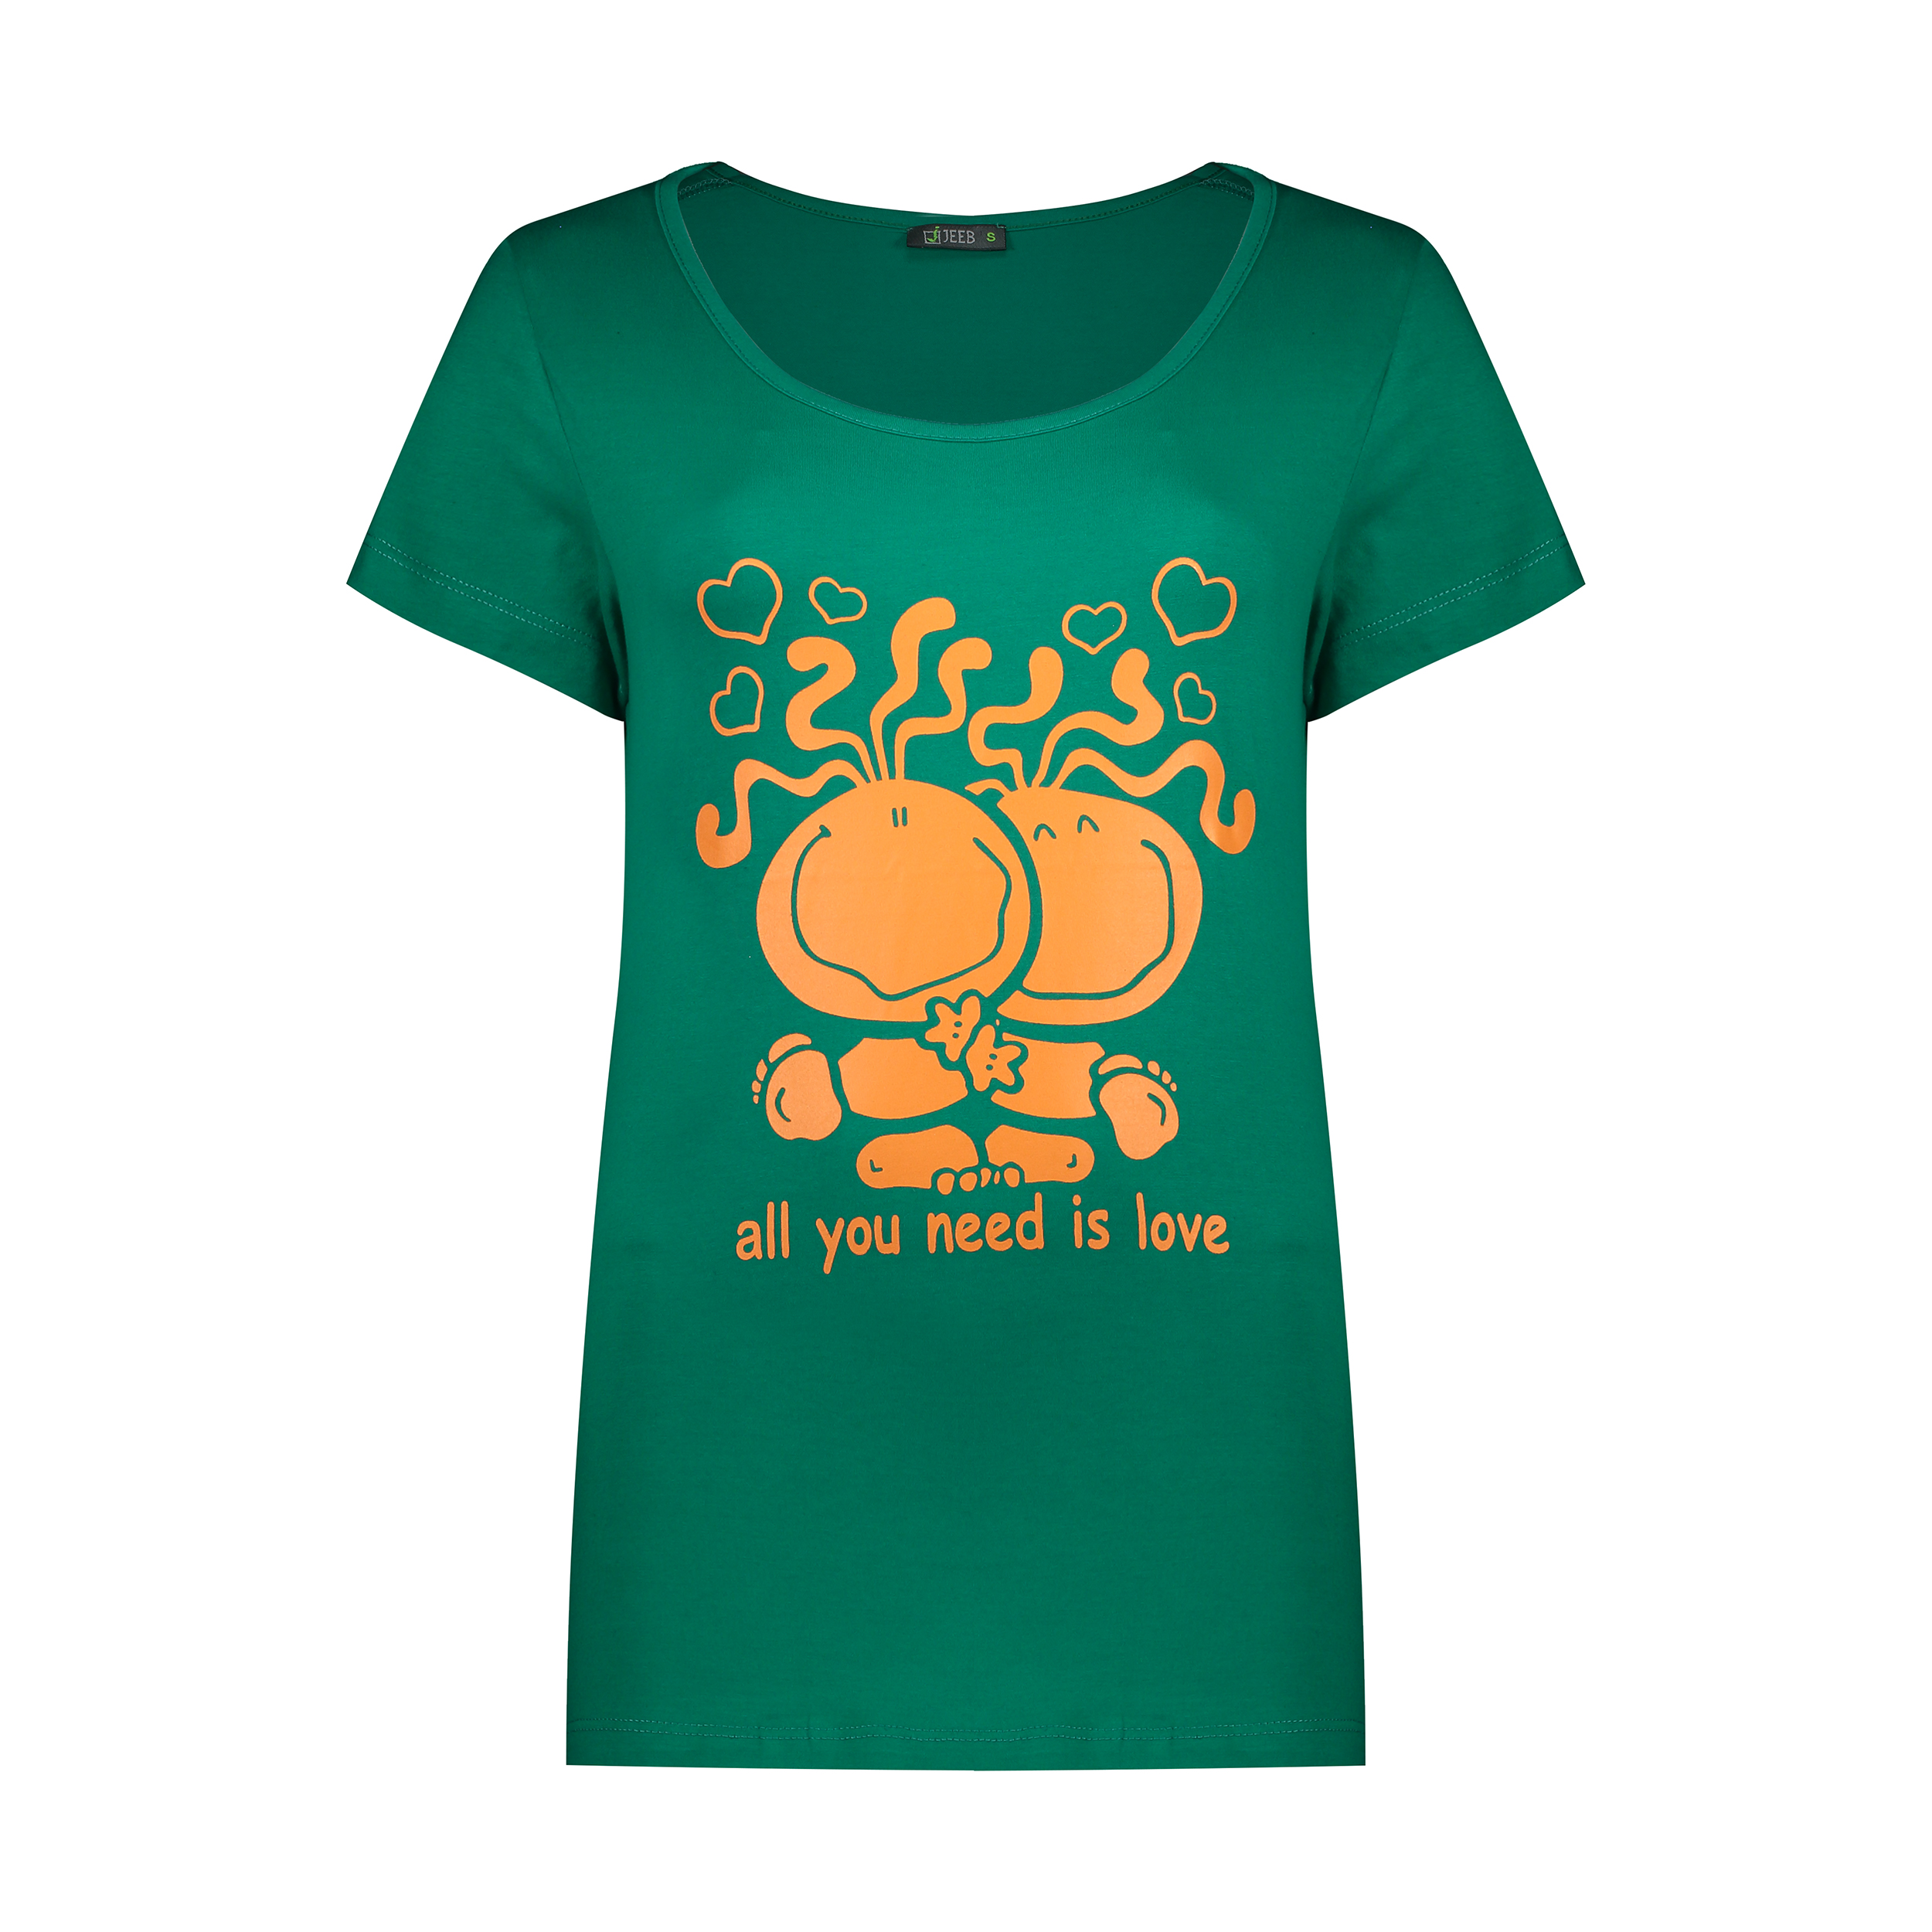 تی شرت آستین کوتاه ورزشی زنانه مدل arsk-nar 002